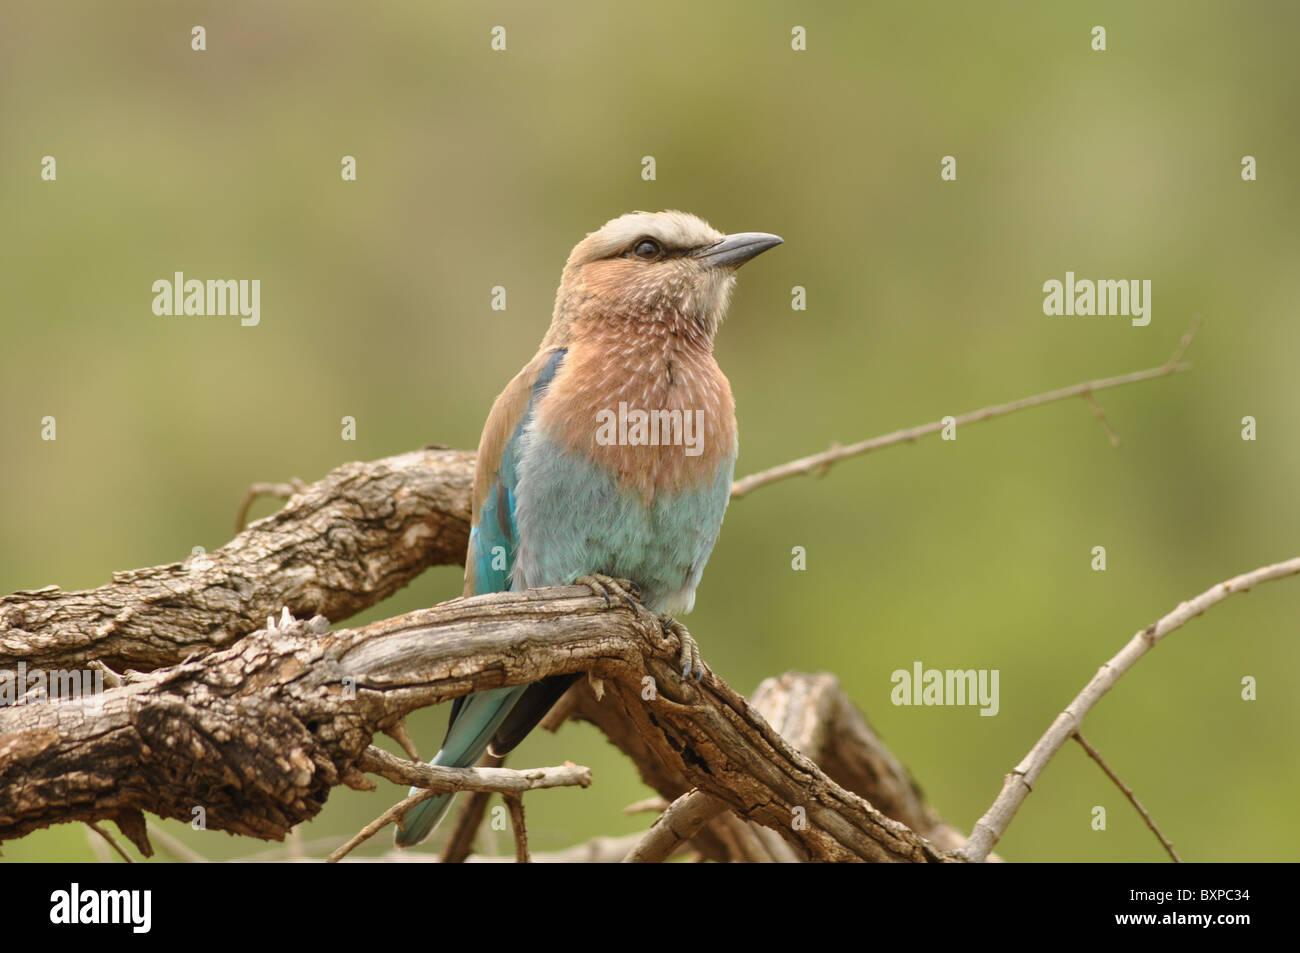 European roller bird